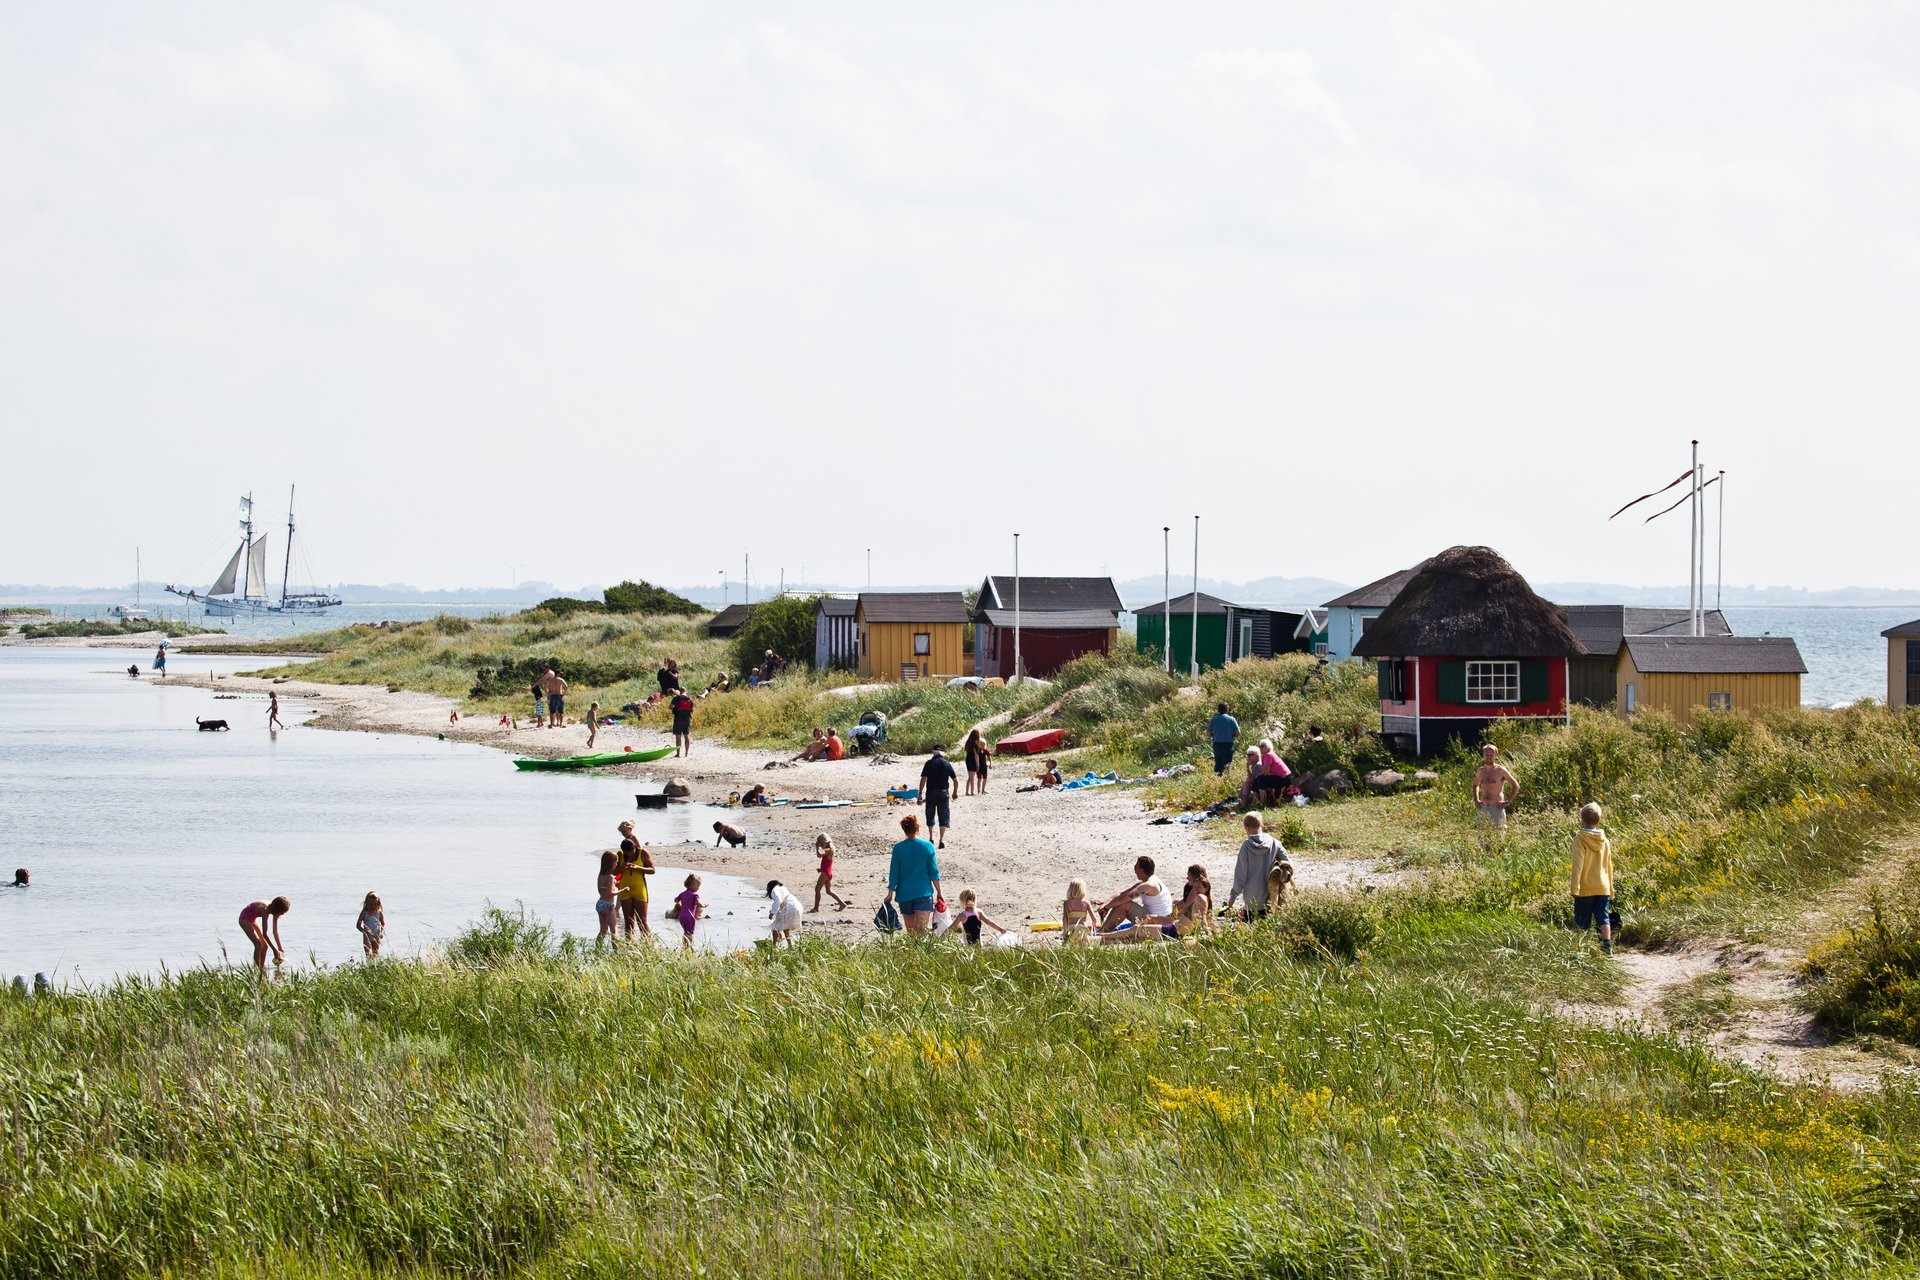 Genåbningen af grænserne vil få betydning for, hvor mange danskere der holder sommerferie hjemme og hvor mange udenlandske turister, der kommer til Danmark. Arkivpressefoto fra Eriks Hale på Ærø, foto for VisitDenmark: Kim Wyon.